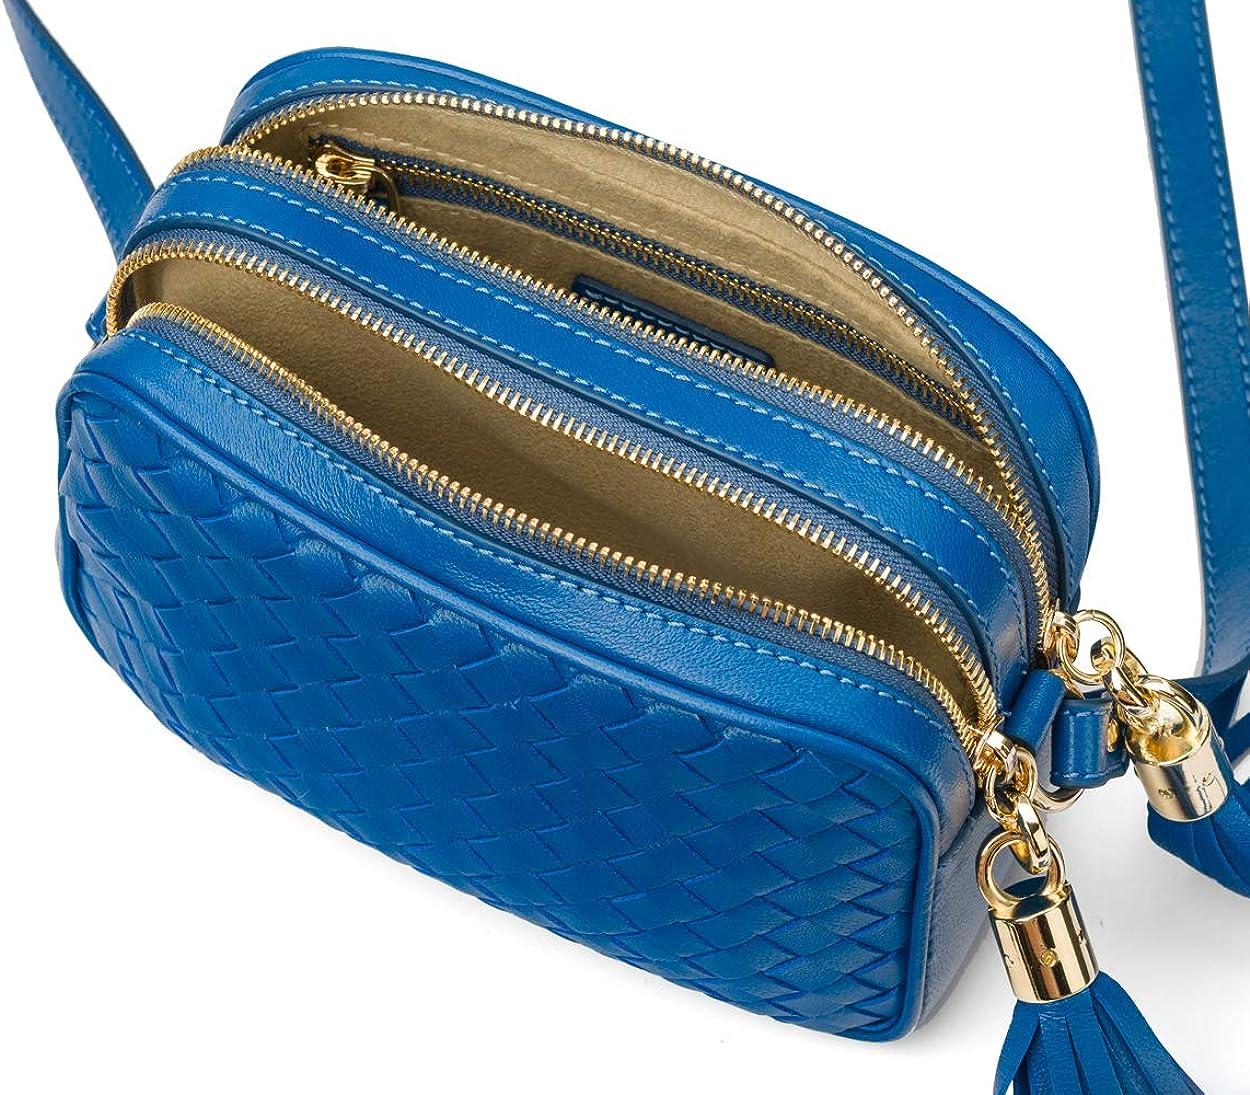 SAGEBROWN Polly Woven Camera Bag Cobalt